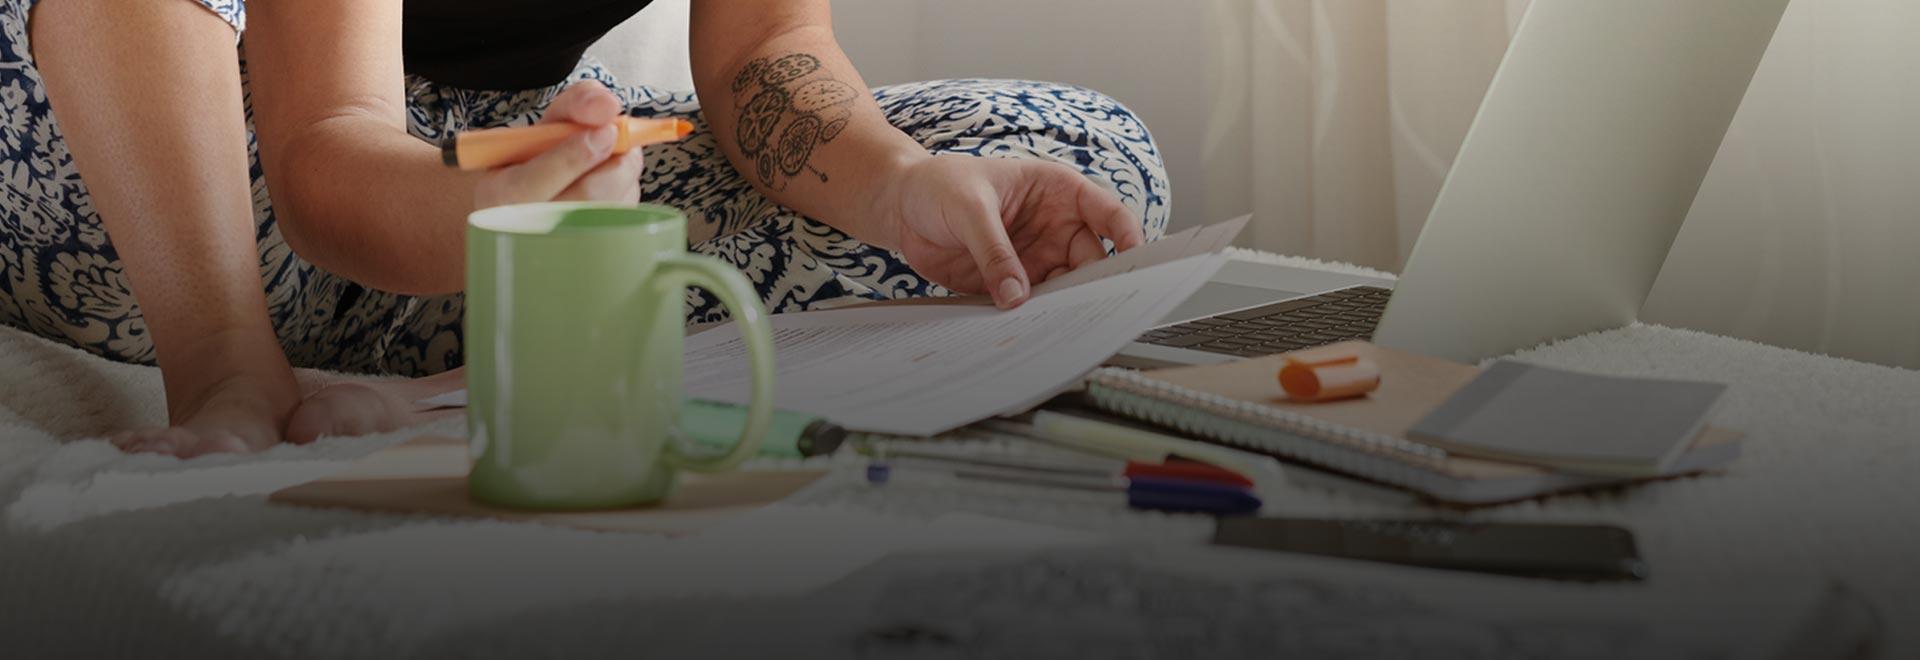 Eine Person sitzt mit Laptop und Dokumenten auf dem Bett.